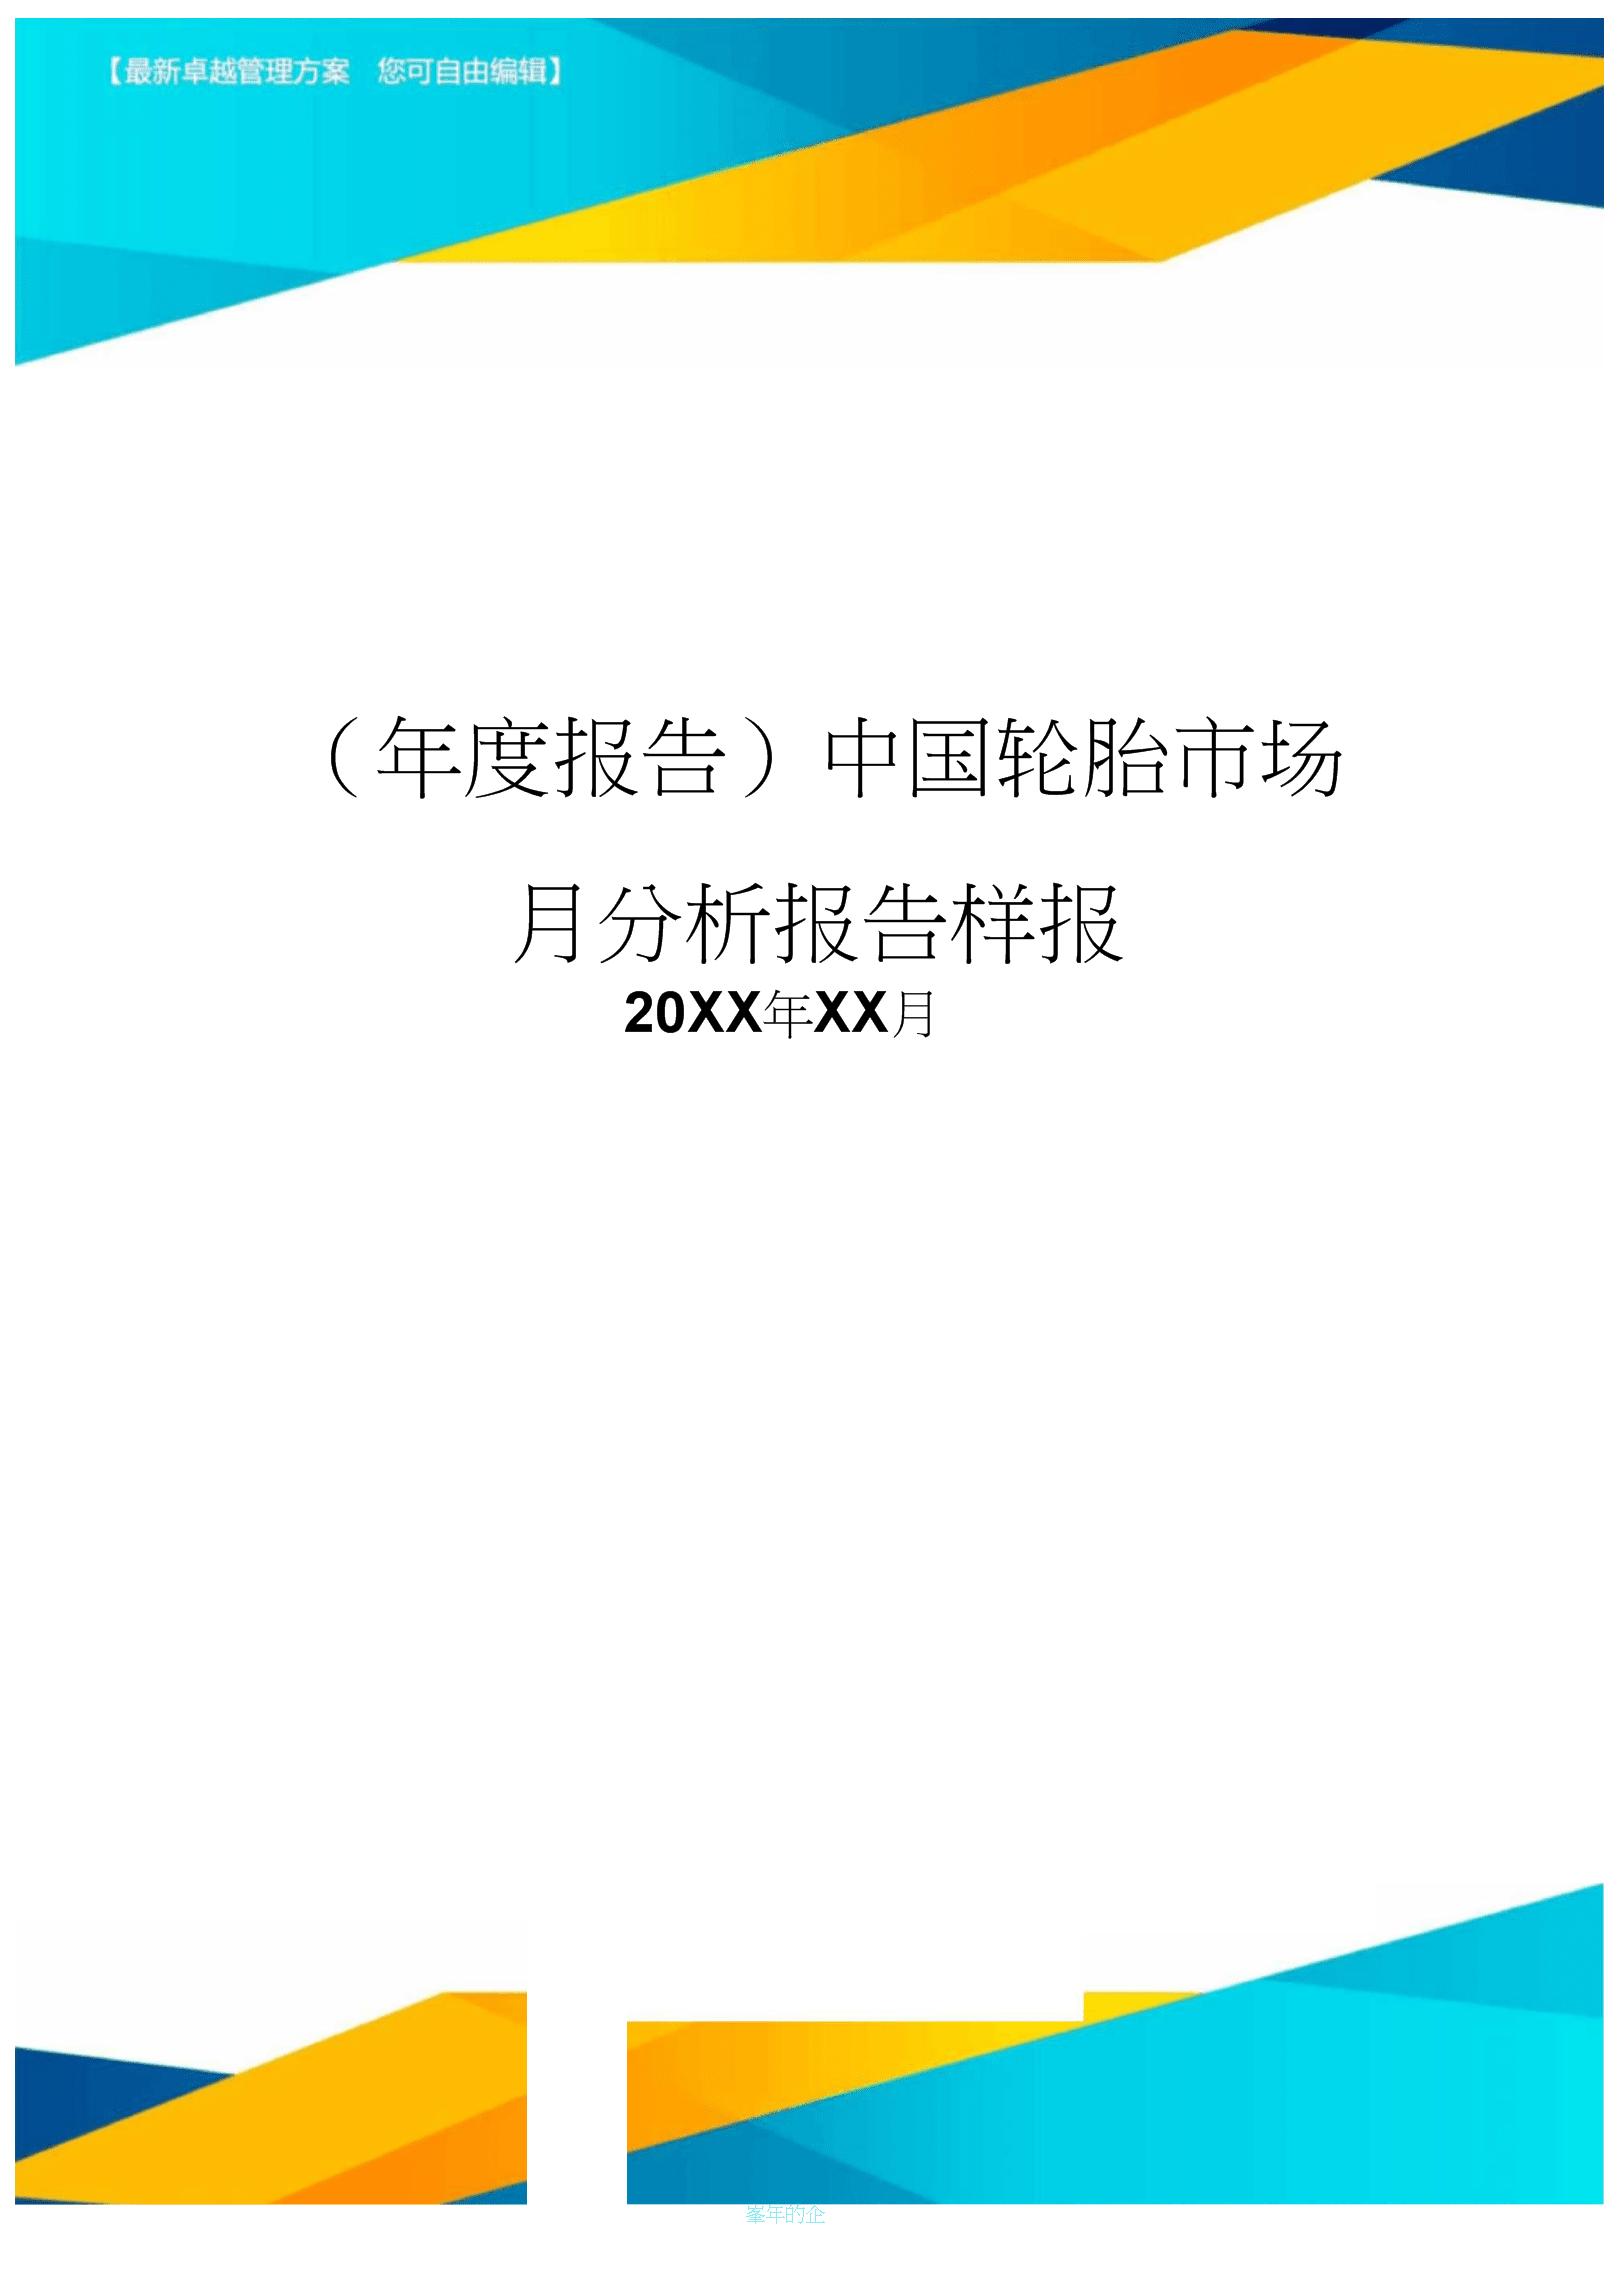 【年度报告)中国轮胎市场月分析报告样报.docx